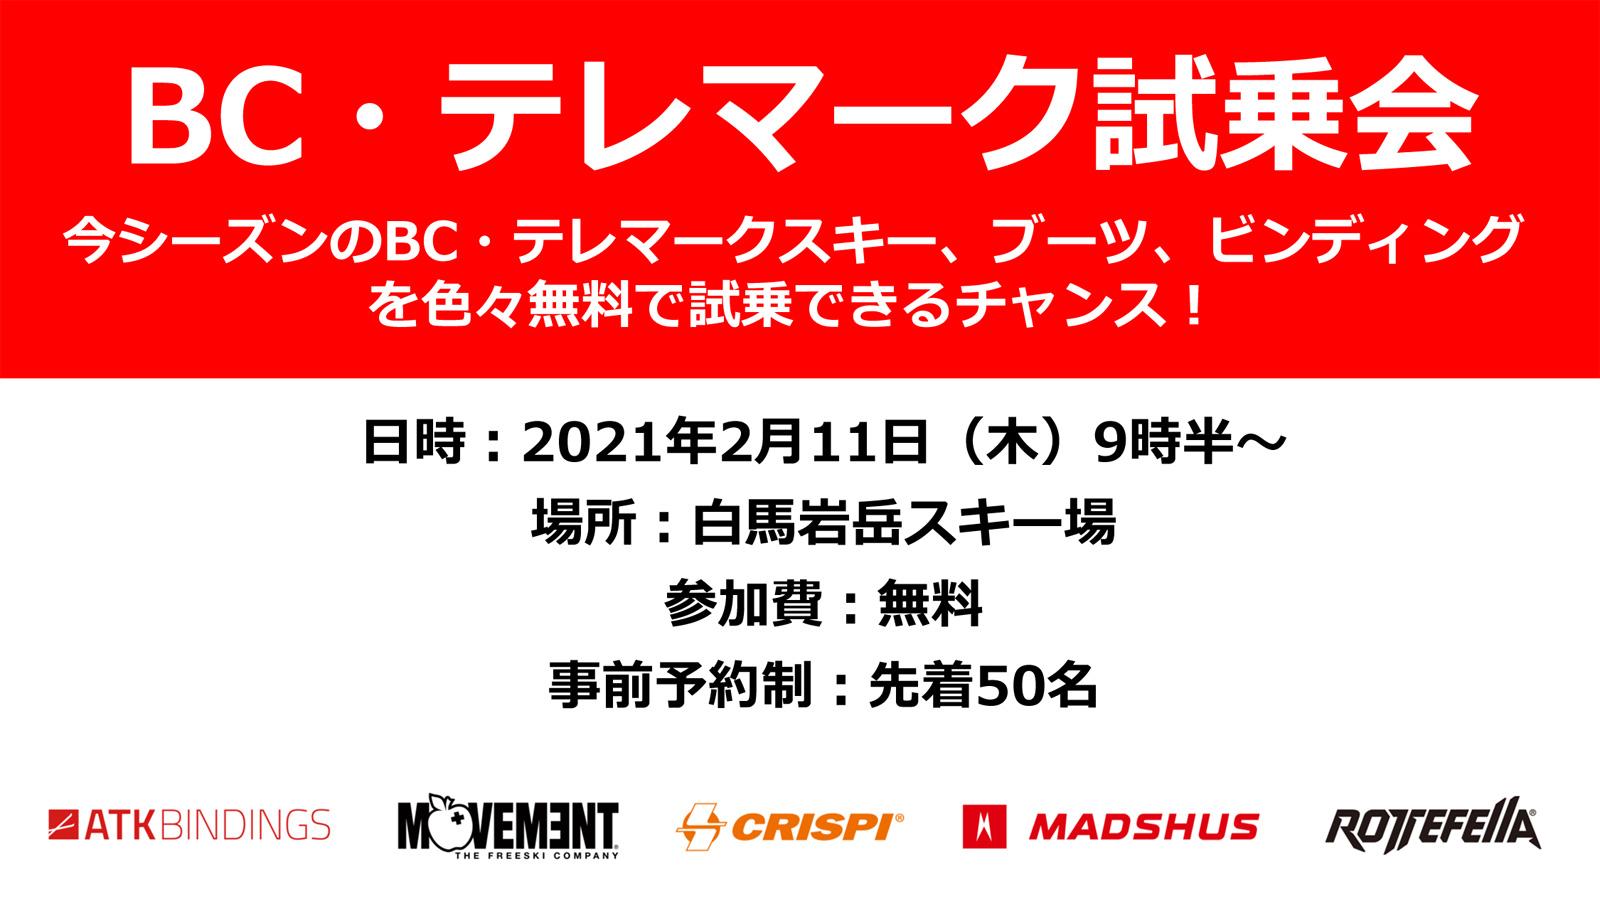 《参加者募集》BC・テレマーク試乗会 2021年2月11日(木)祝日